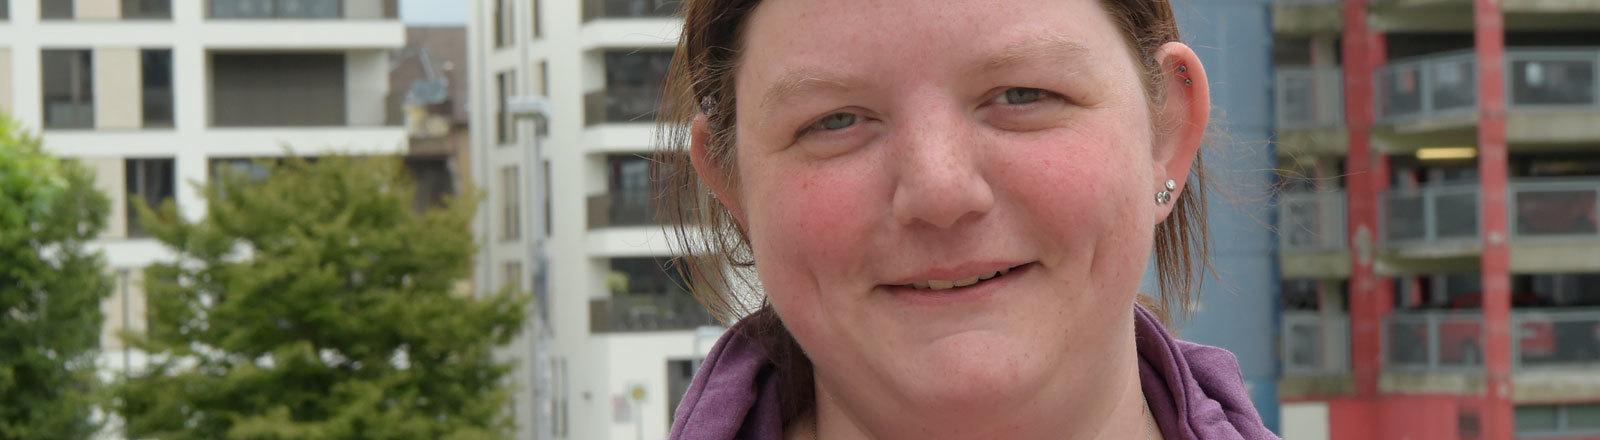 Esther Hasenbeck, Krankenpflegerin im Universitätsklinikum Essen, steht vor dem Landtag in Düsseldorf. In den deutschen Krankenhäusern fehlen nach Verdi-Berechnungen rund 80 000 Krankenpfleger. 18.06.2018